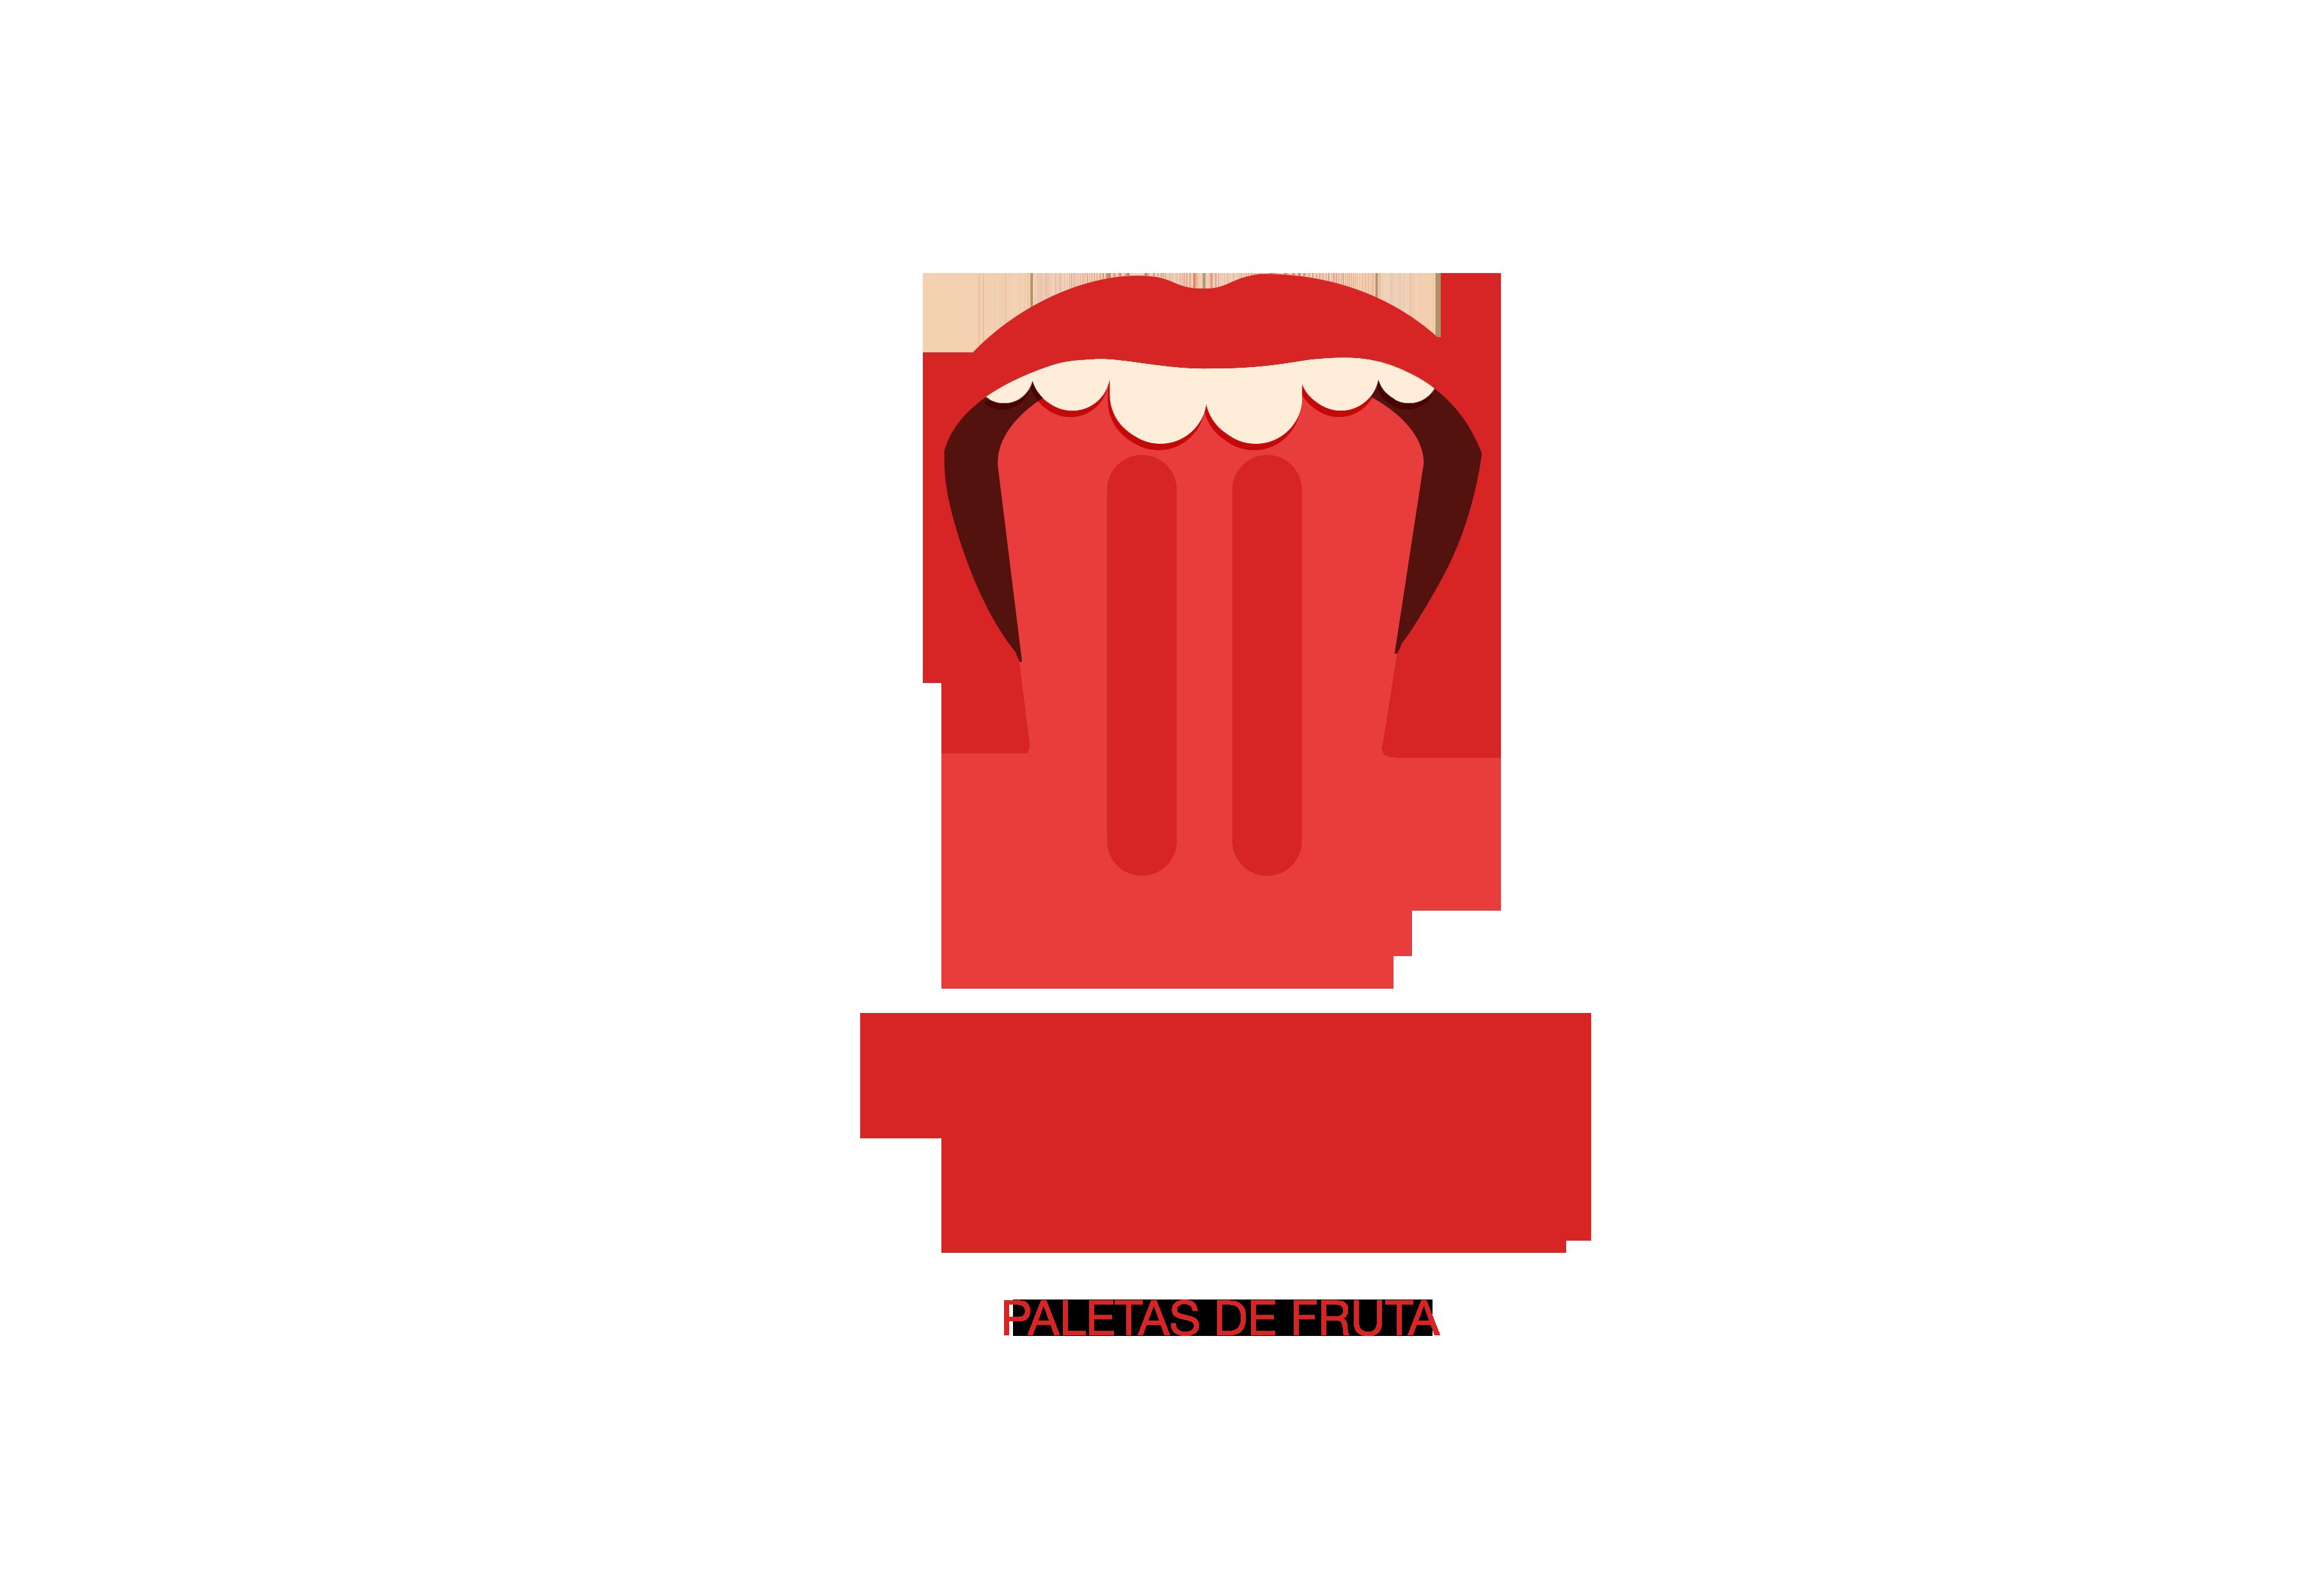 Logotype PALIQUE